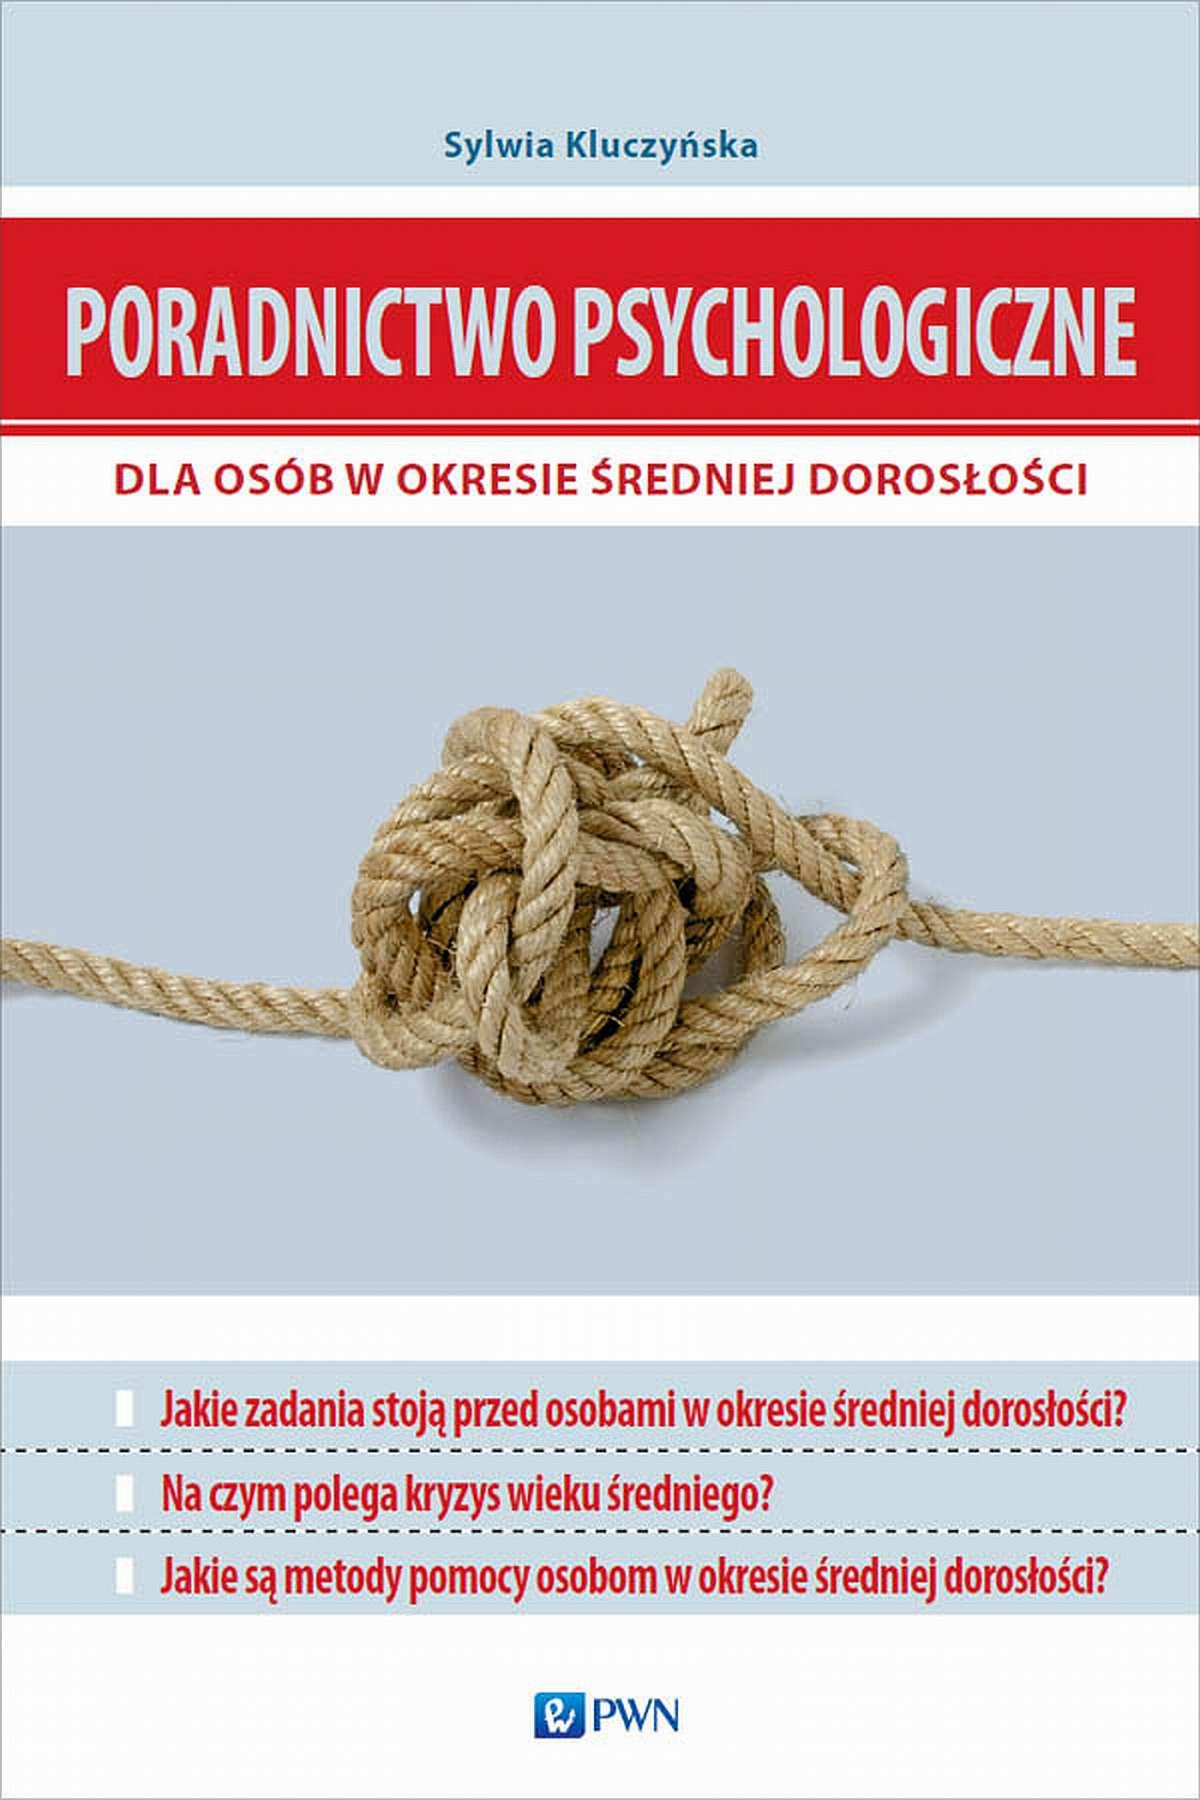 Poradnictwo psychologiczne dla osób w okresie średniej dorosłości - Ebook (Książka na Kindle) do pobrania w formacie MOBI